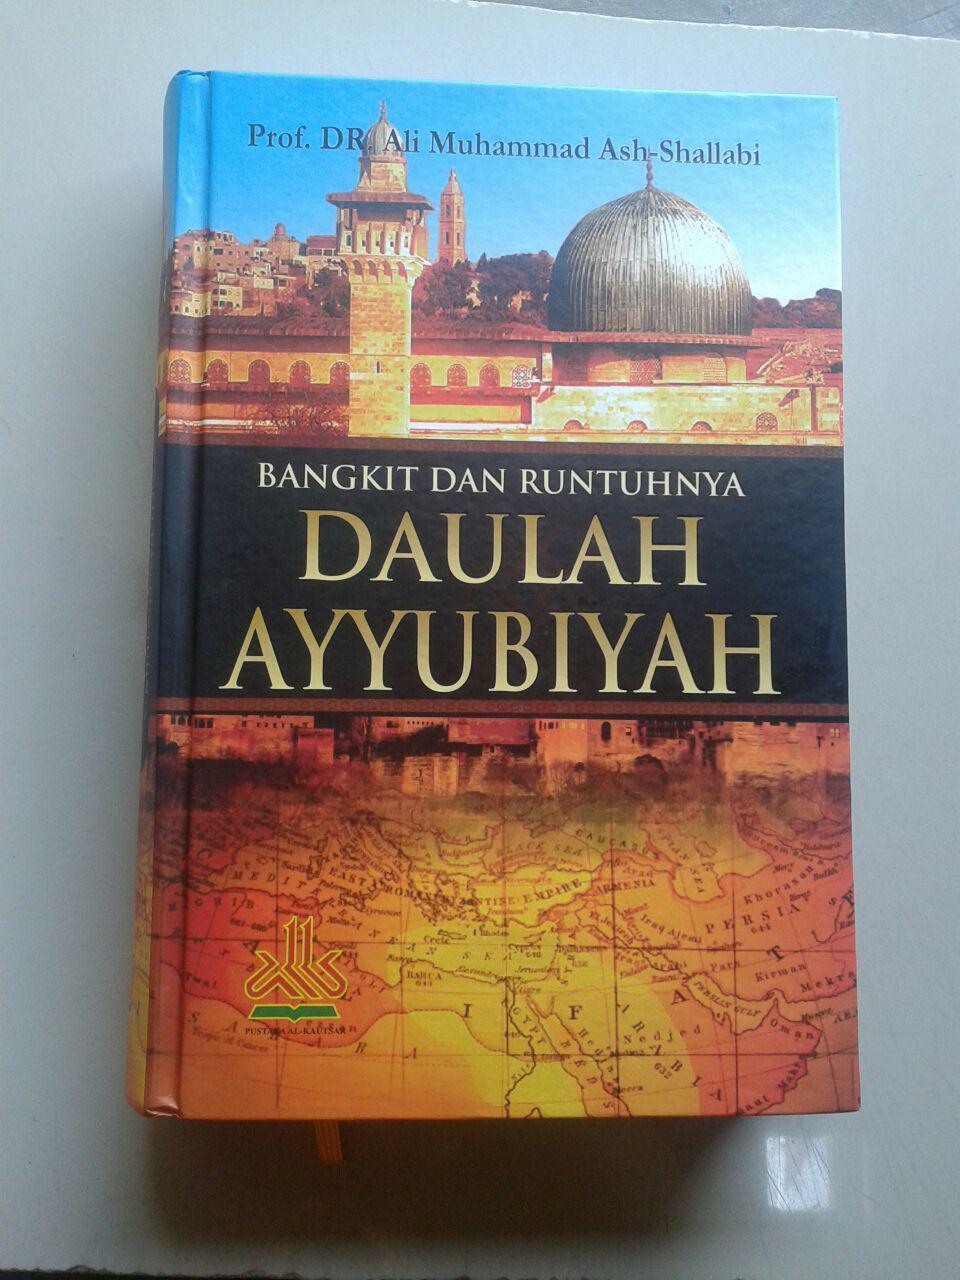 Buku Bangkit Runtuhnya Daulah Ayyubiyah cover 2